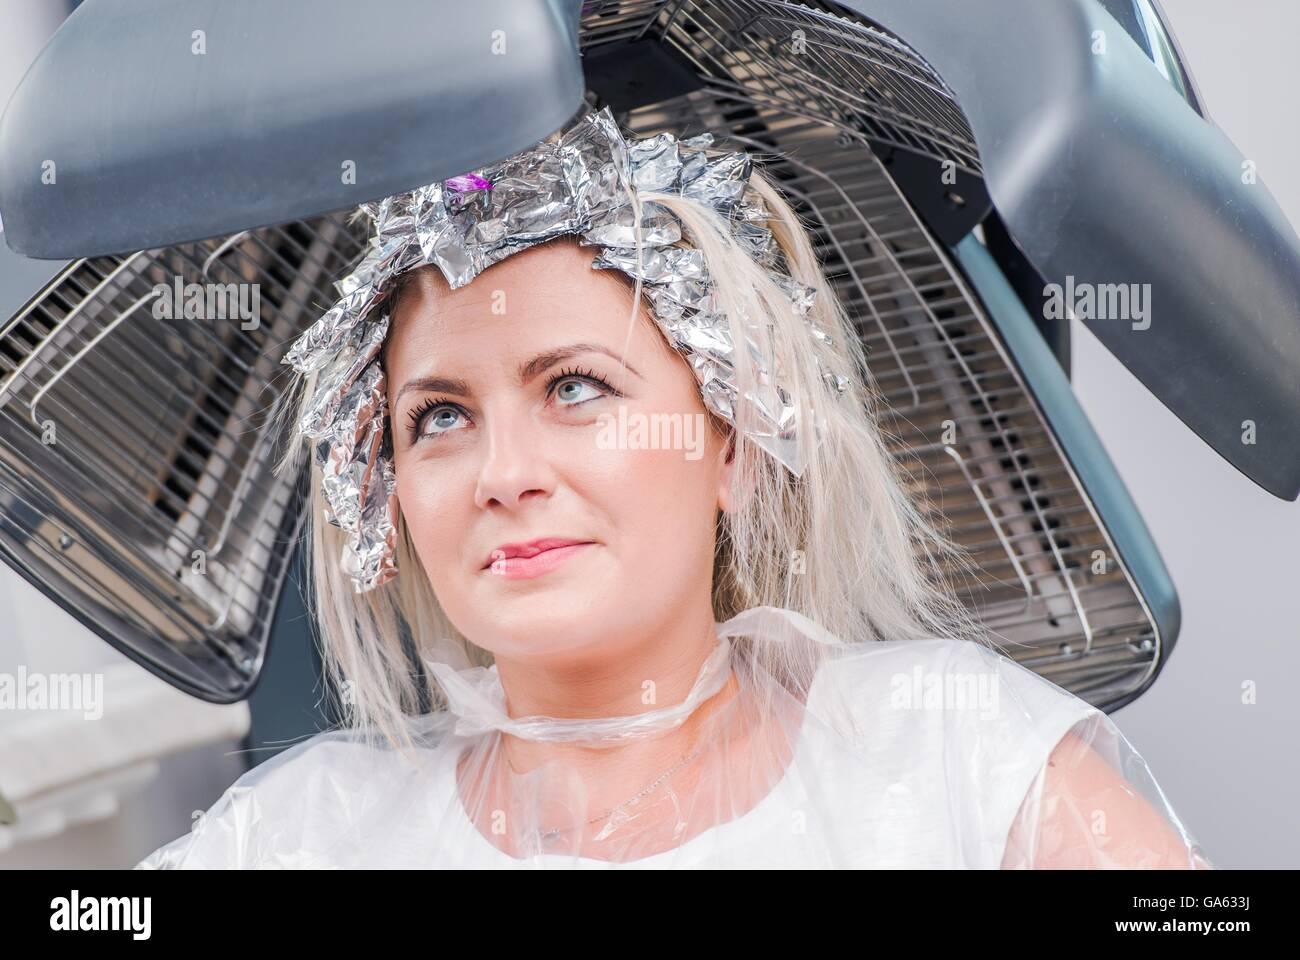 Beauty Salon Caucasian Woman Under Hair Dryer Awaiting